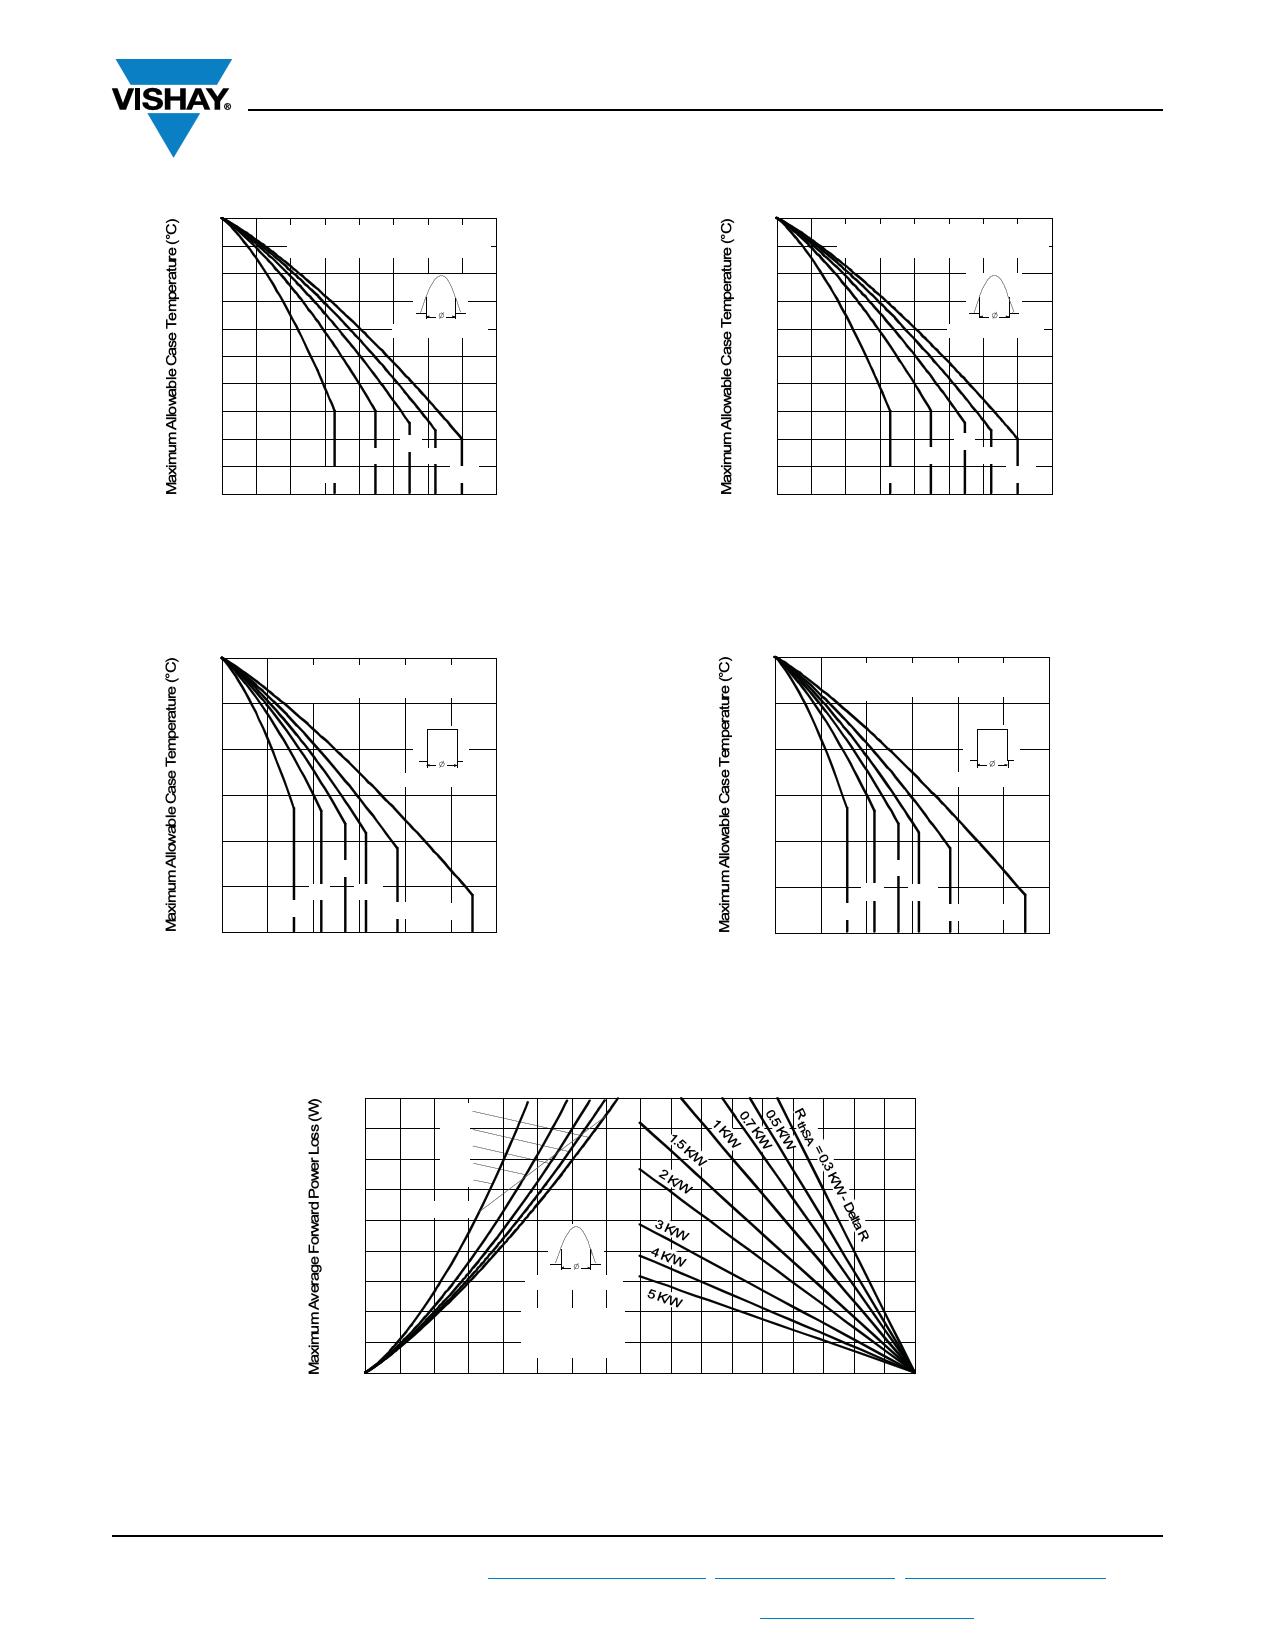 VS-71HFR120 pdf, ピン配列